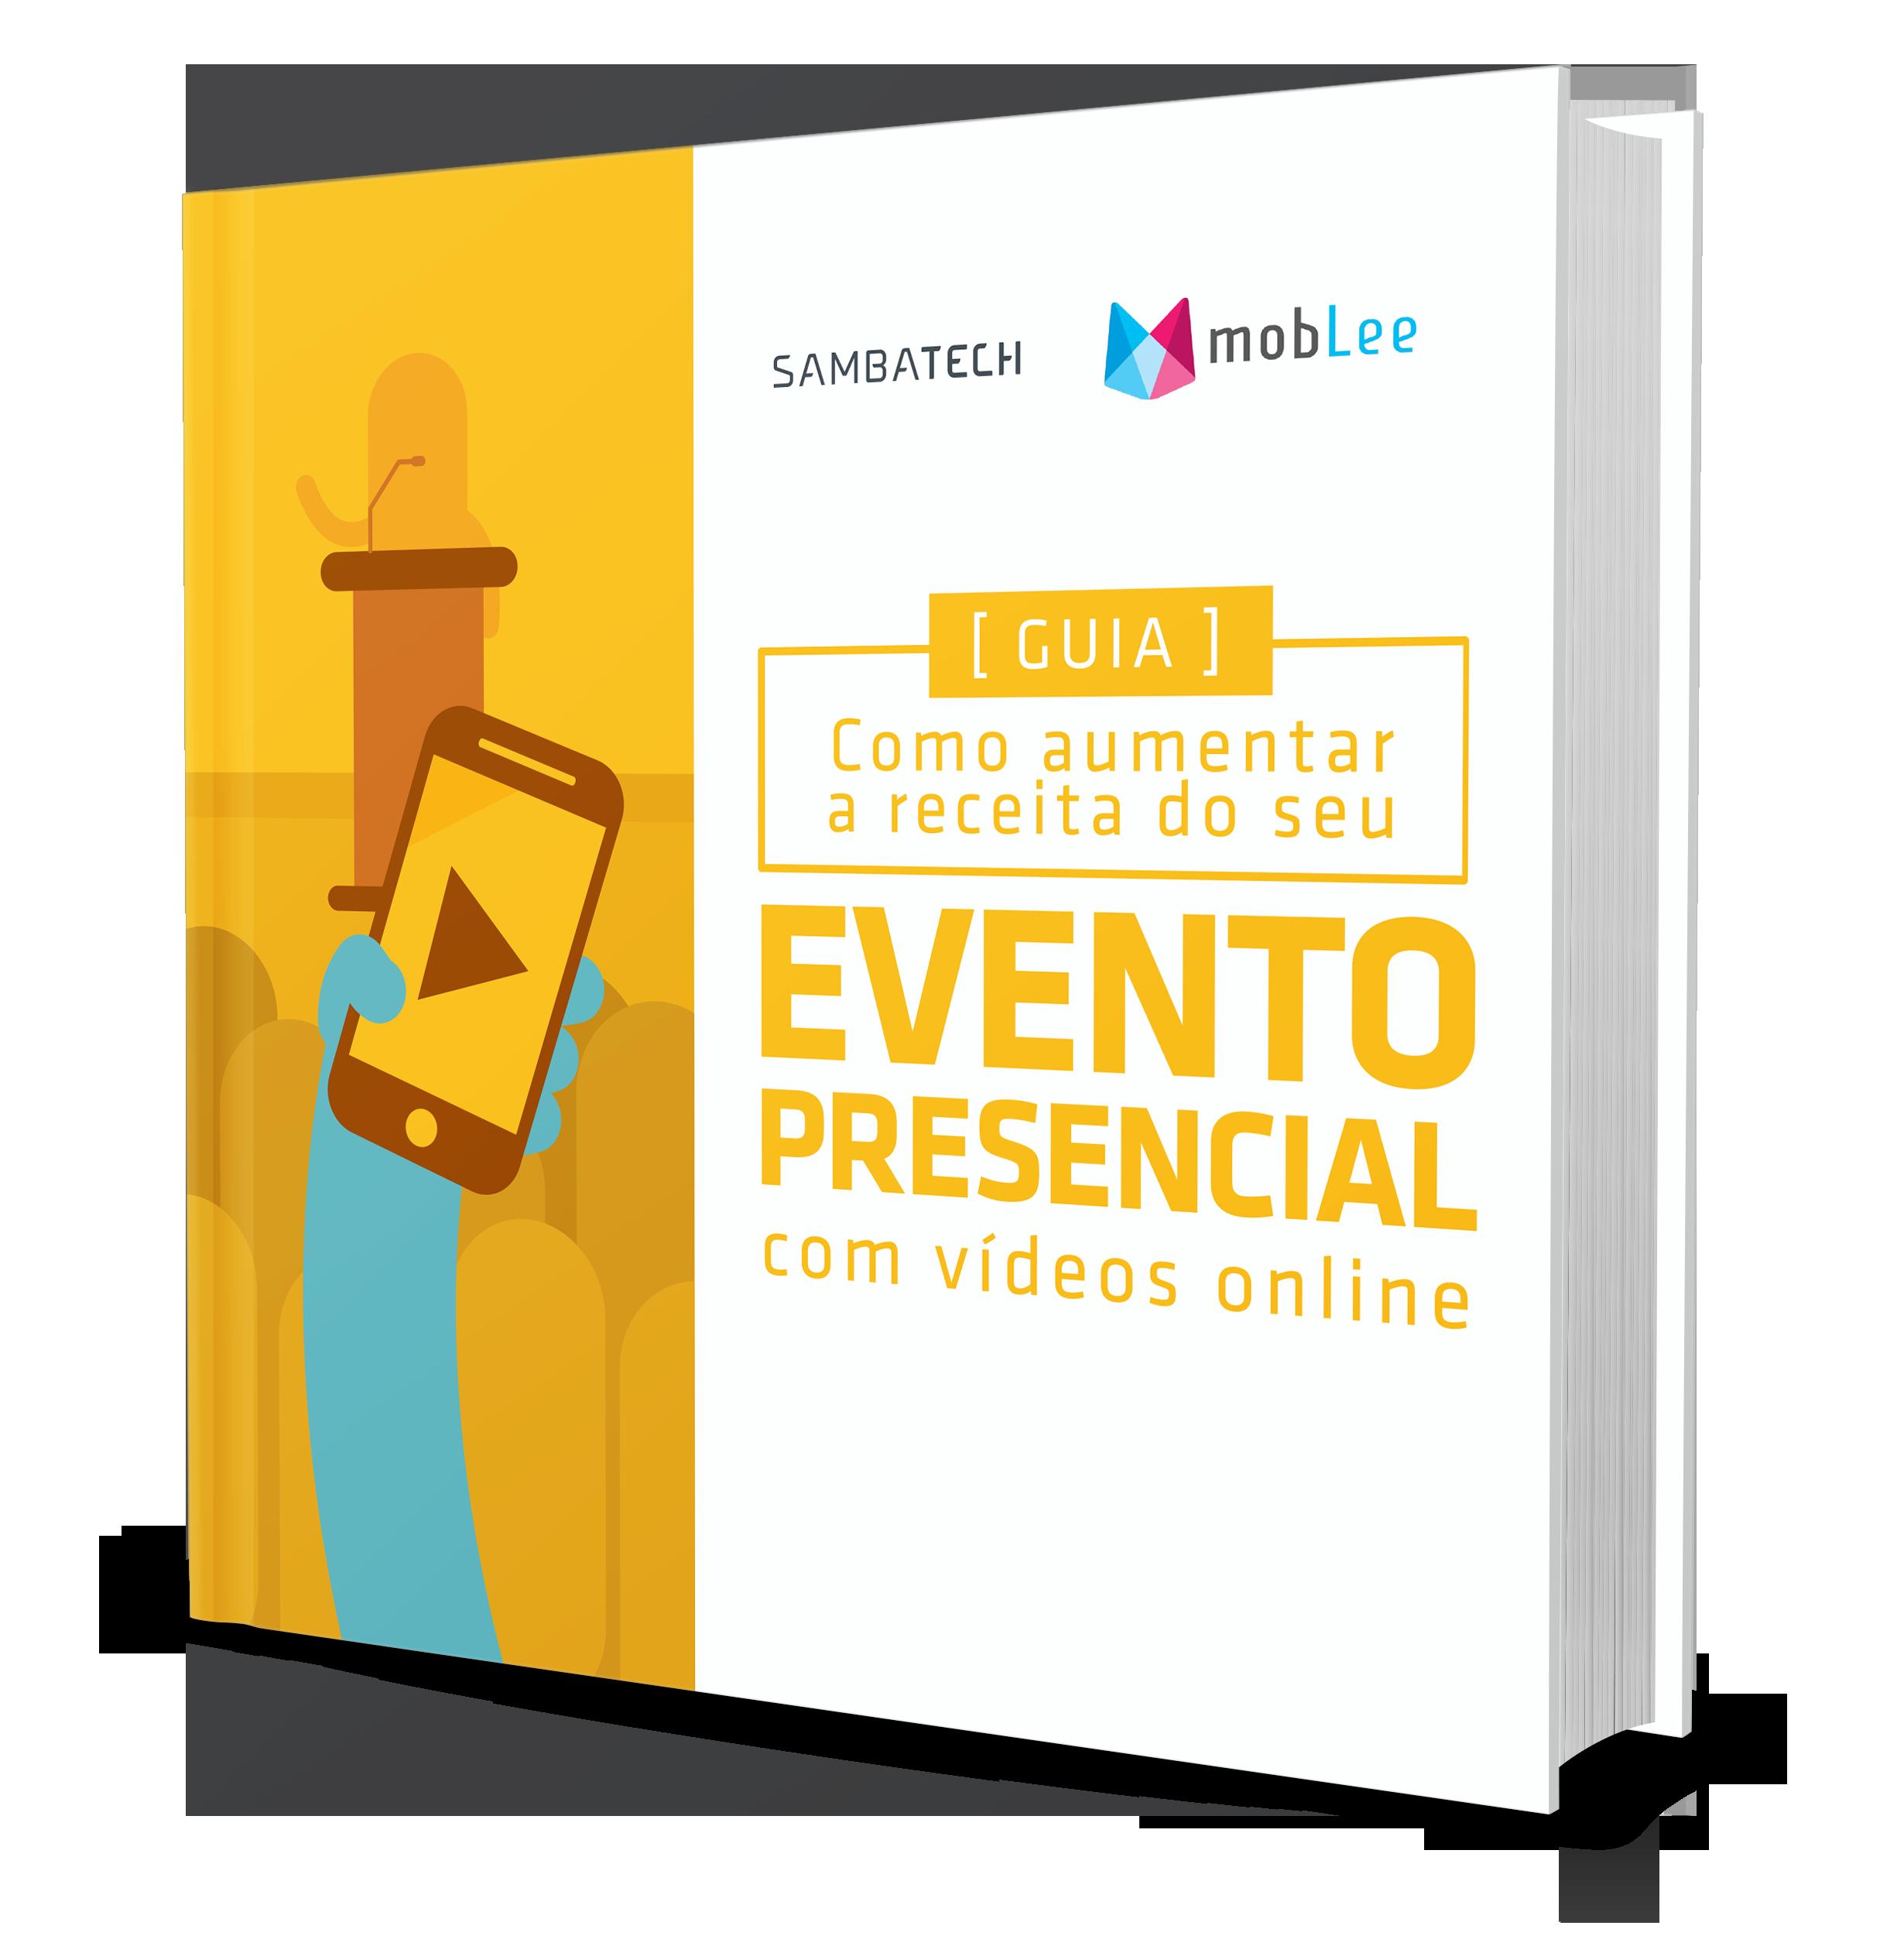 ebook sobre como aumentar a receita do seu evento presencial com videos online